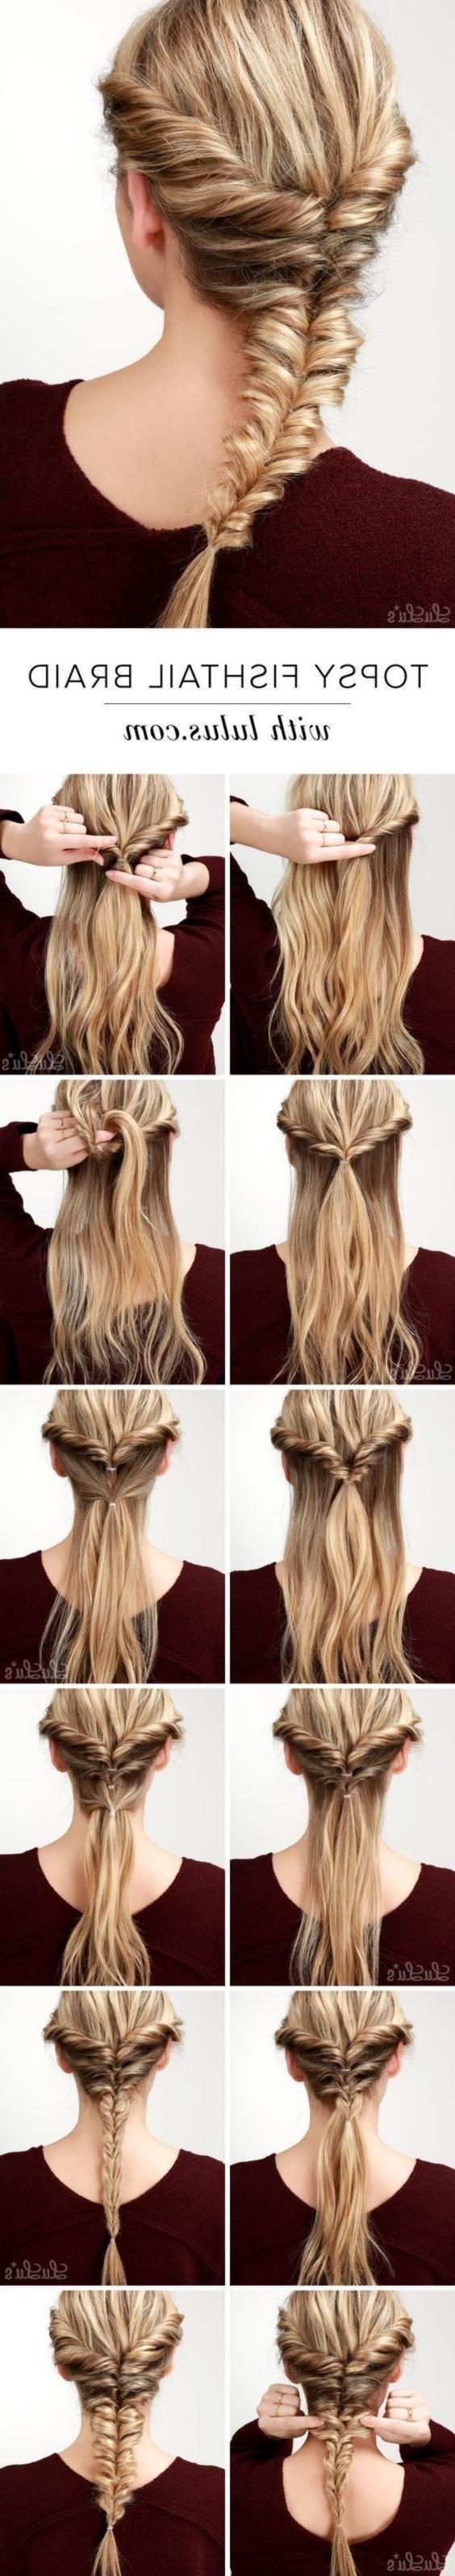 10 süße geflochtene Frisur Ideen - Frisuren Haare - # Chirurgie #Stile # Geflochtene #s Ideen - #neu